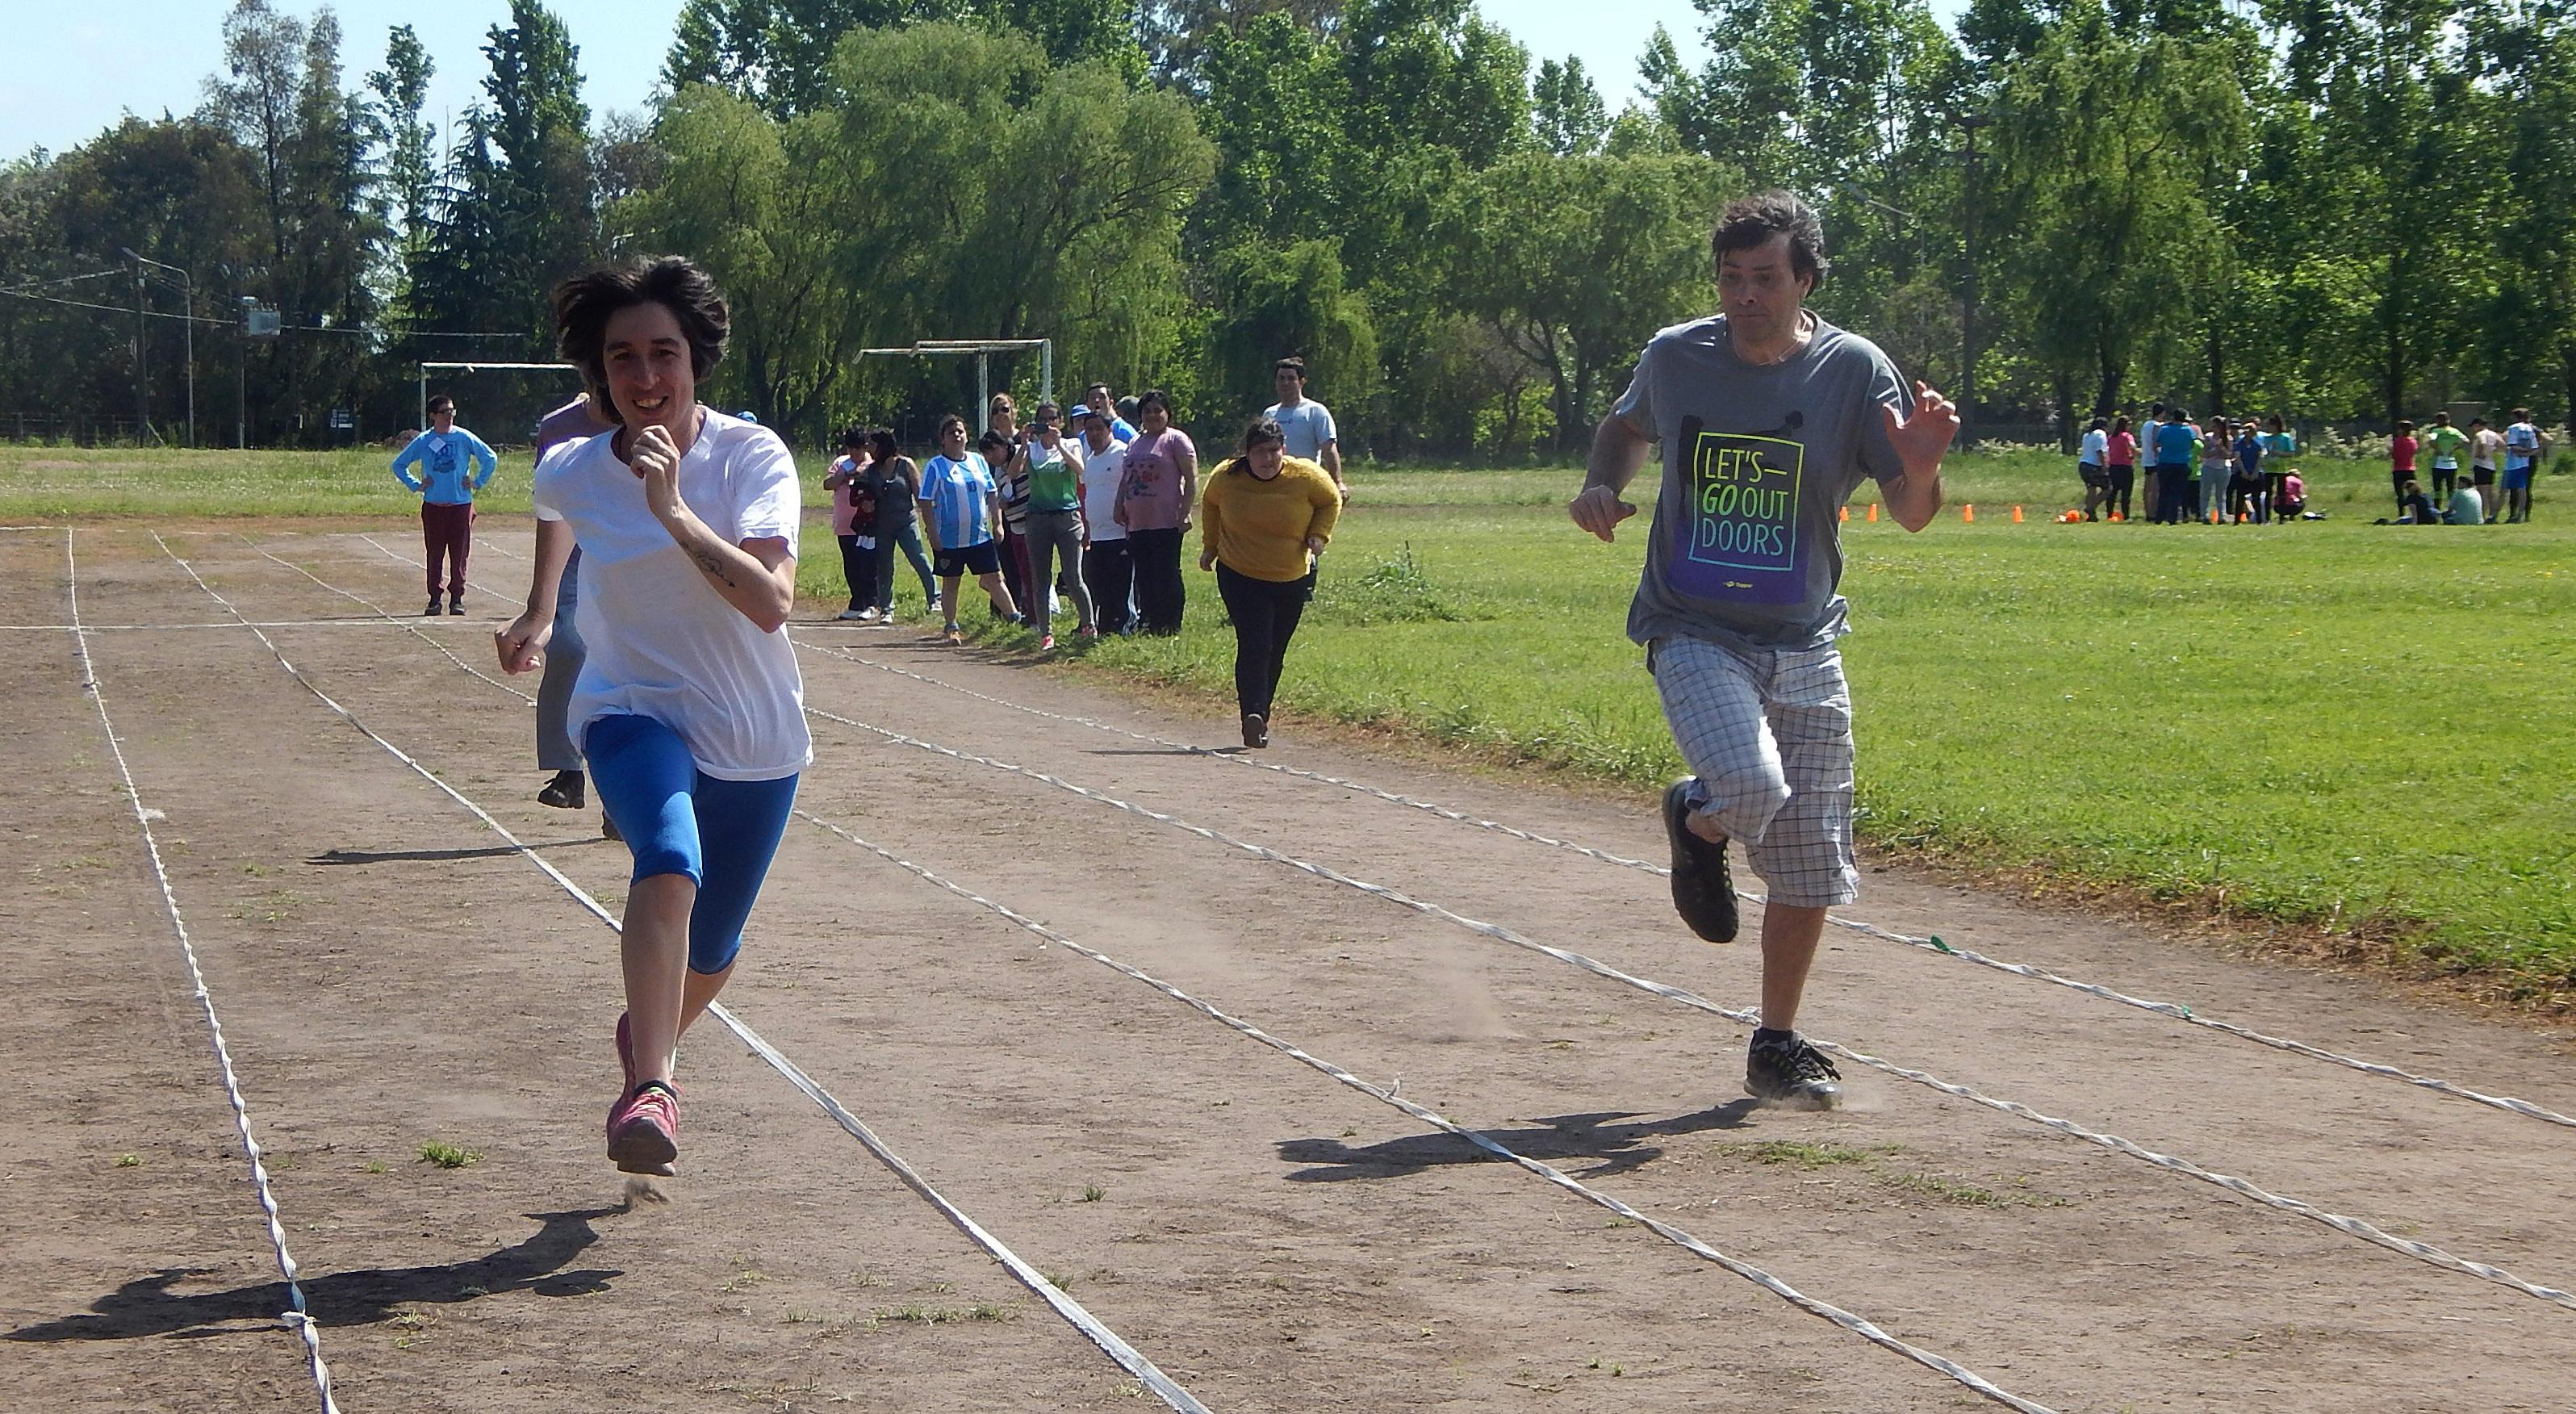 Destacan a 9 de Julio por tomar la posta en fomentar el deporte en las personas con discapacidad